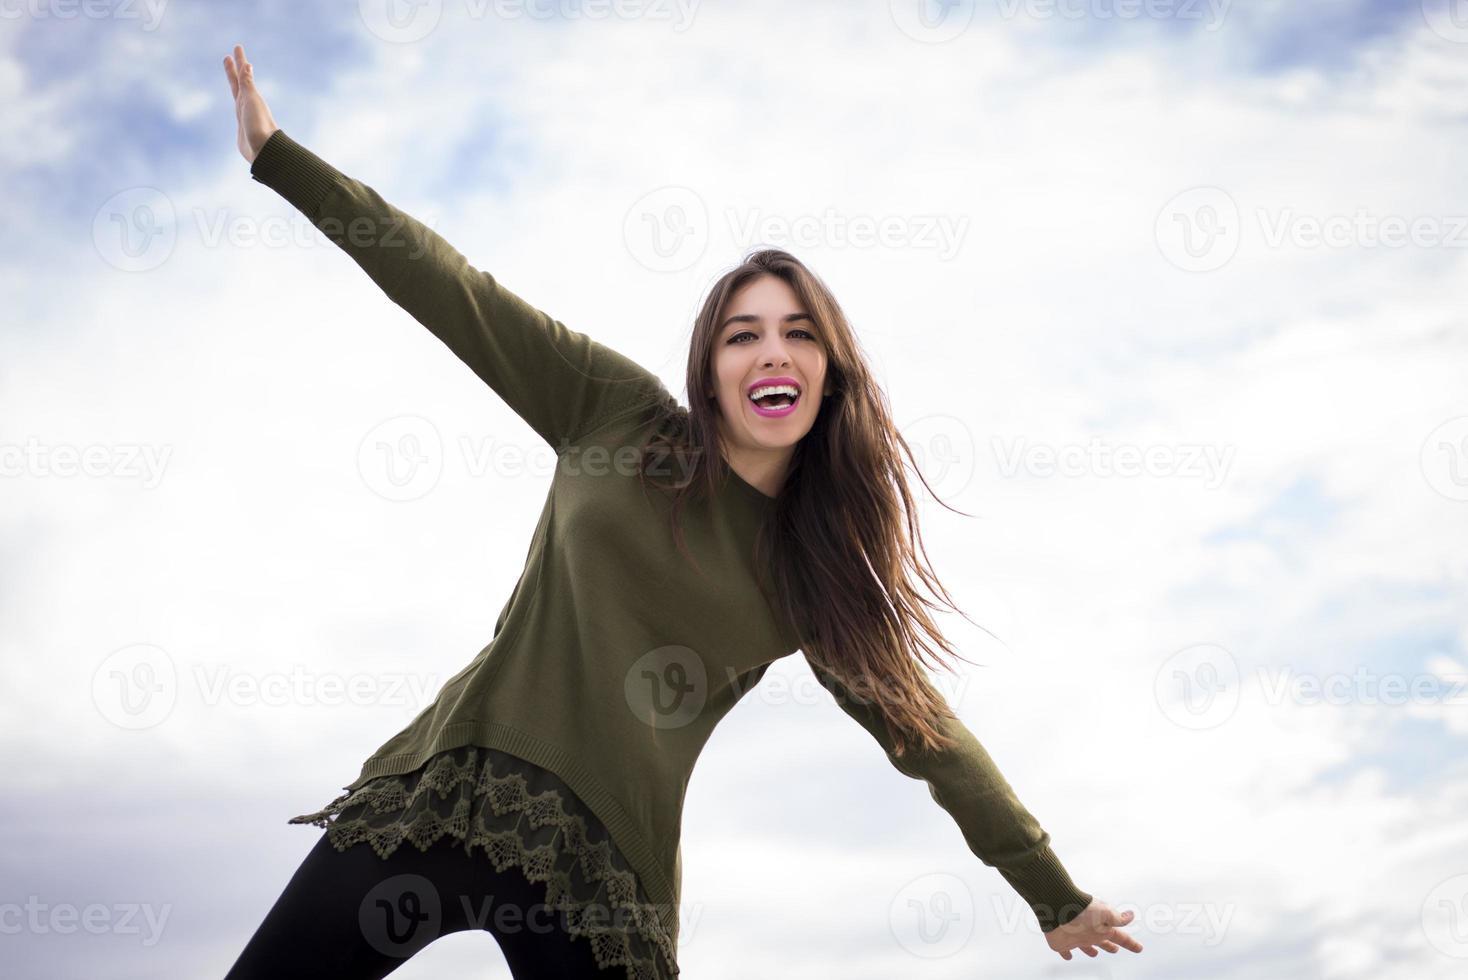 lyckliga flickor armar utsträckta. foto